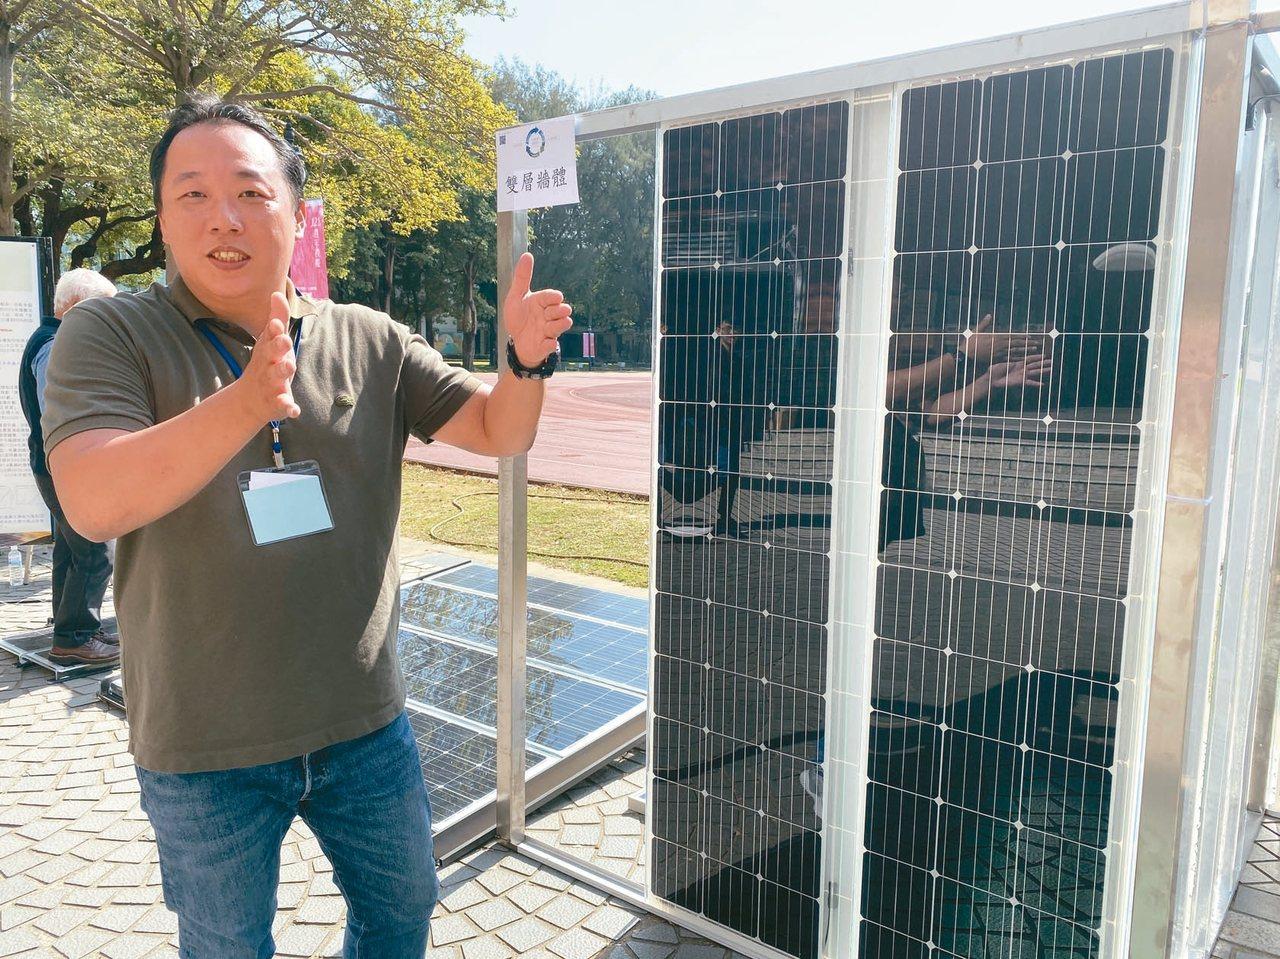 台南大學綠能系團隊研發太陽能板回收體系,並將回收的玻璃再製成太陽能板建材。 記者...